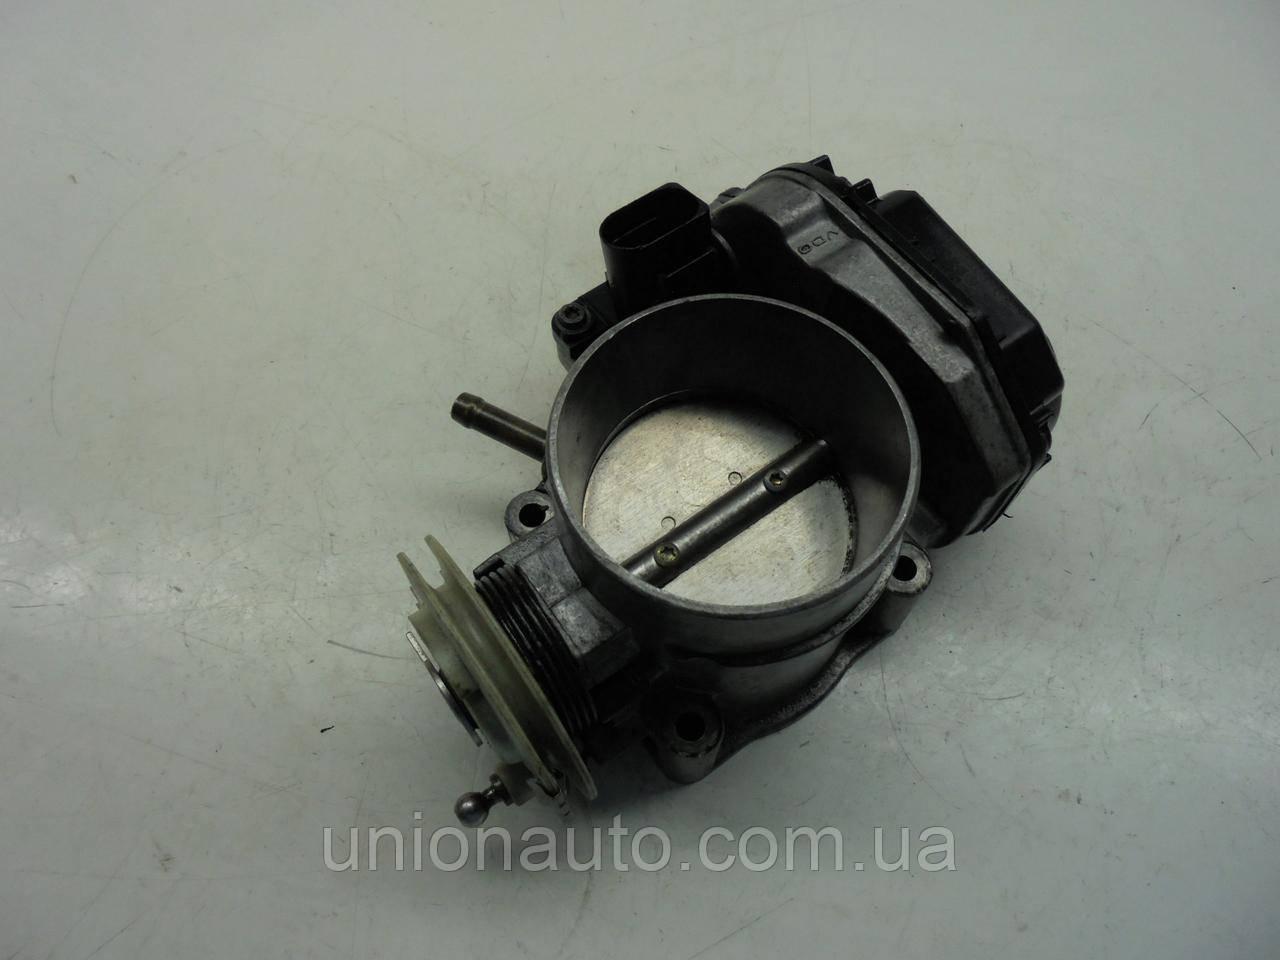 Дроссельная заслонка AUDI A4 2.8 V6 078133063AB